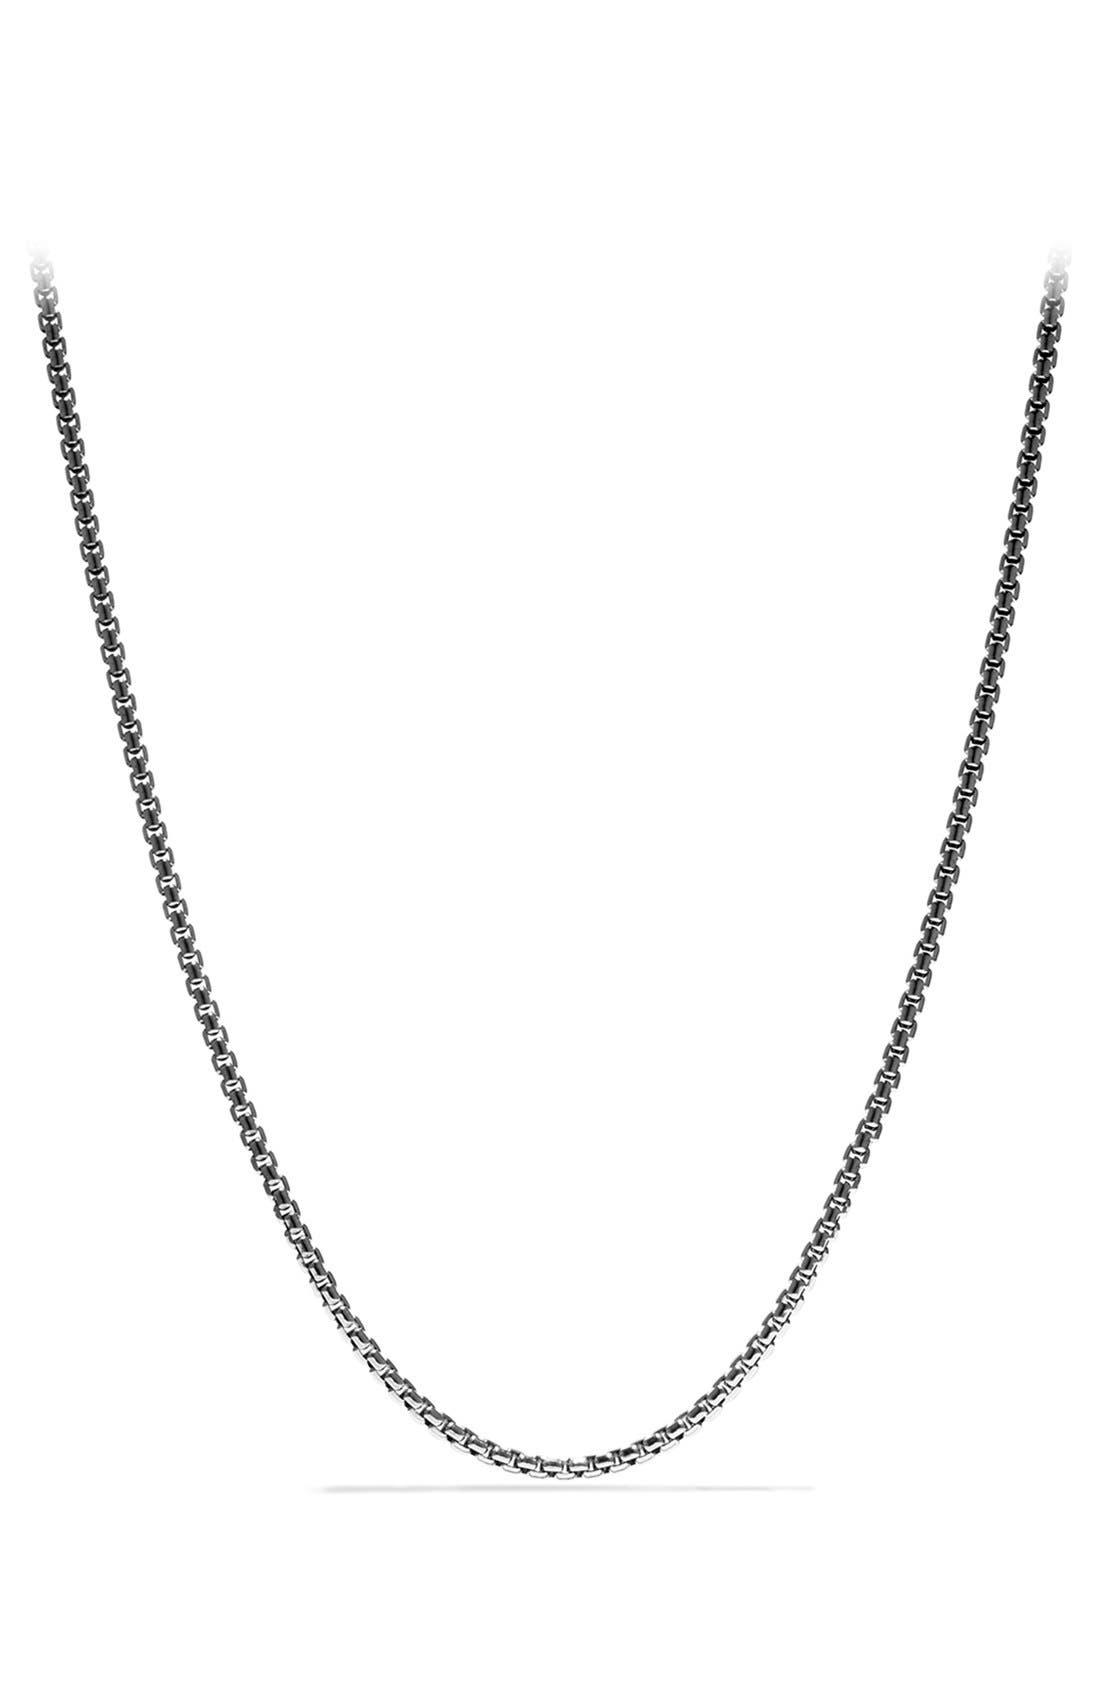 DAVID YURMAN Chain Medium Box Chain Necklace